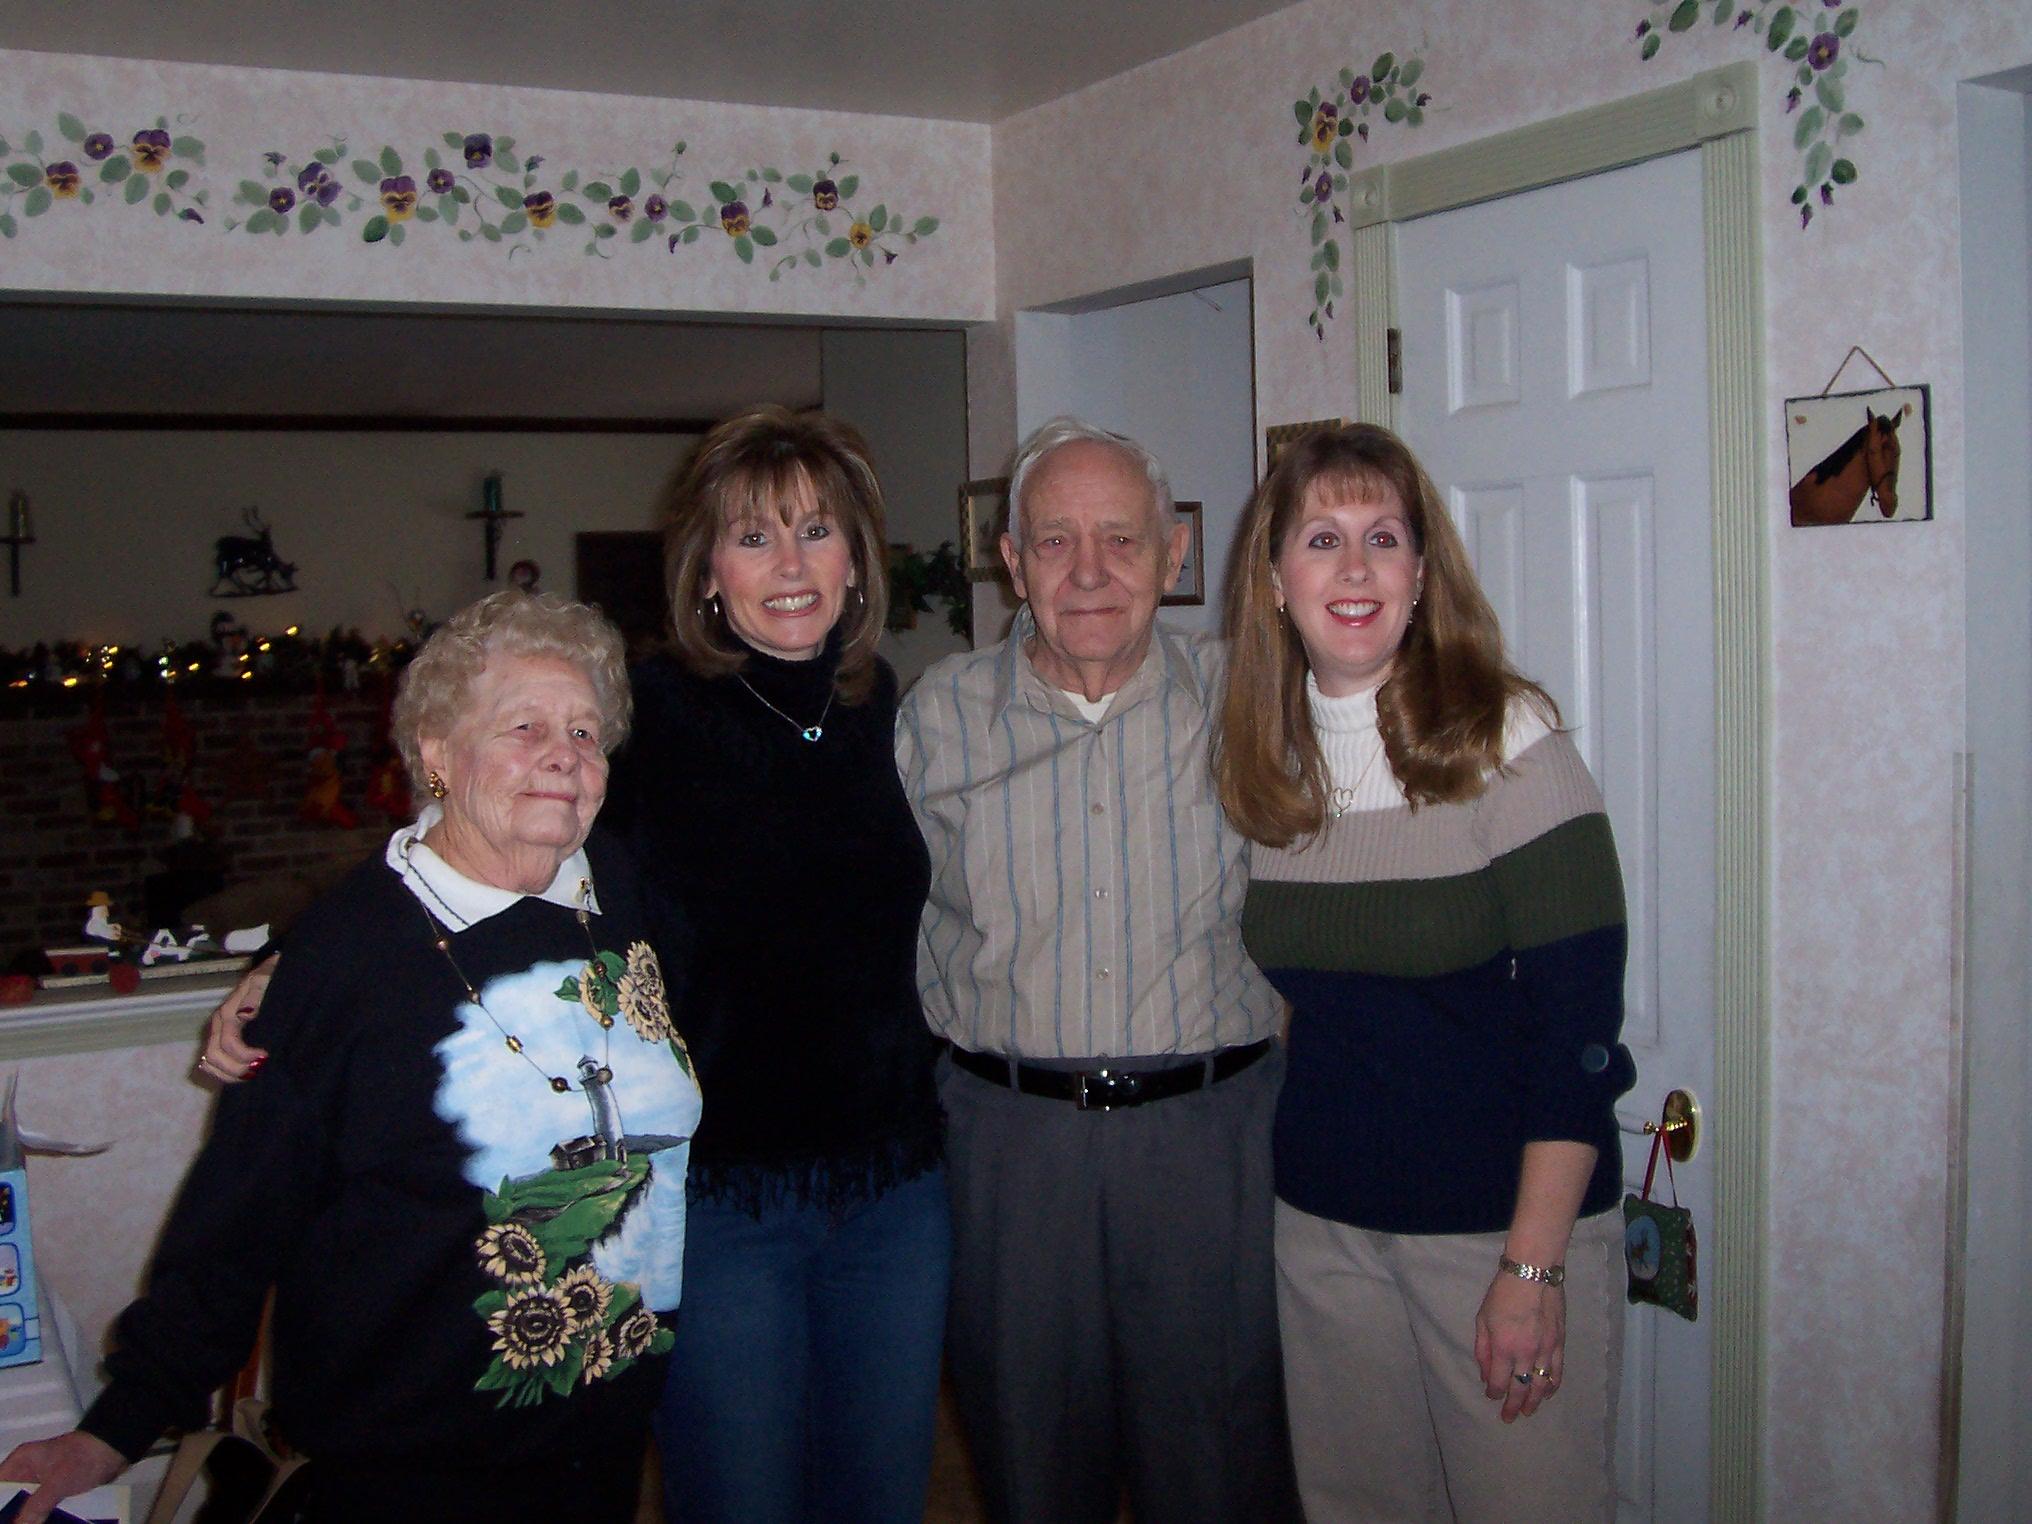 Charles, Virginia & grandchildren, Marilyn (left) & Lorie (right) Christmas 2003